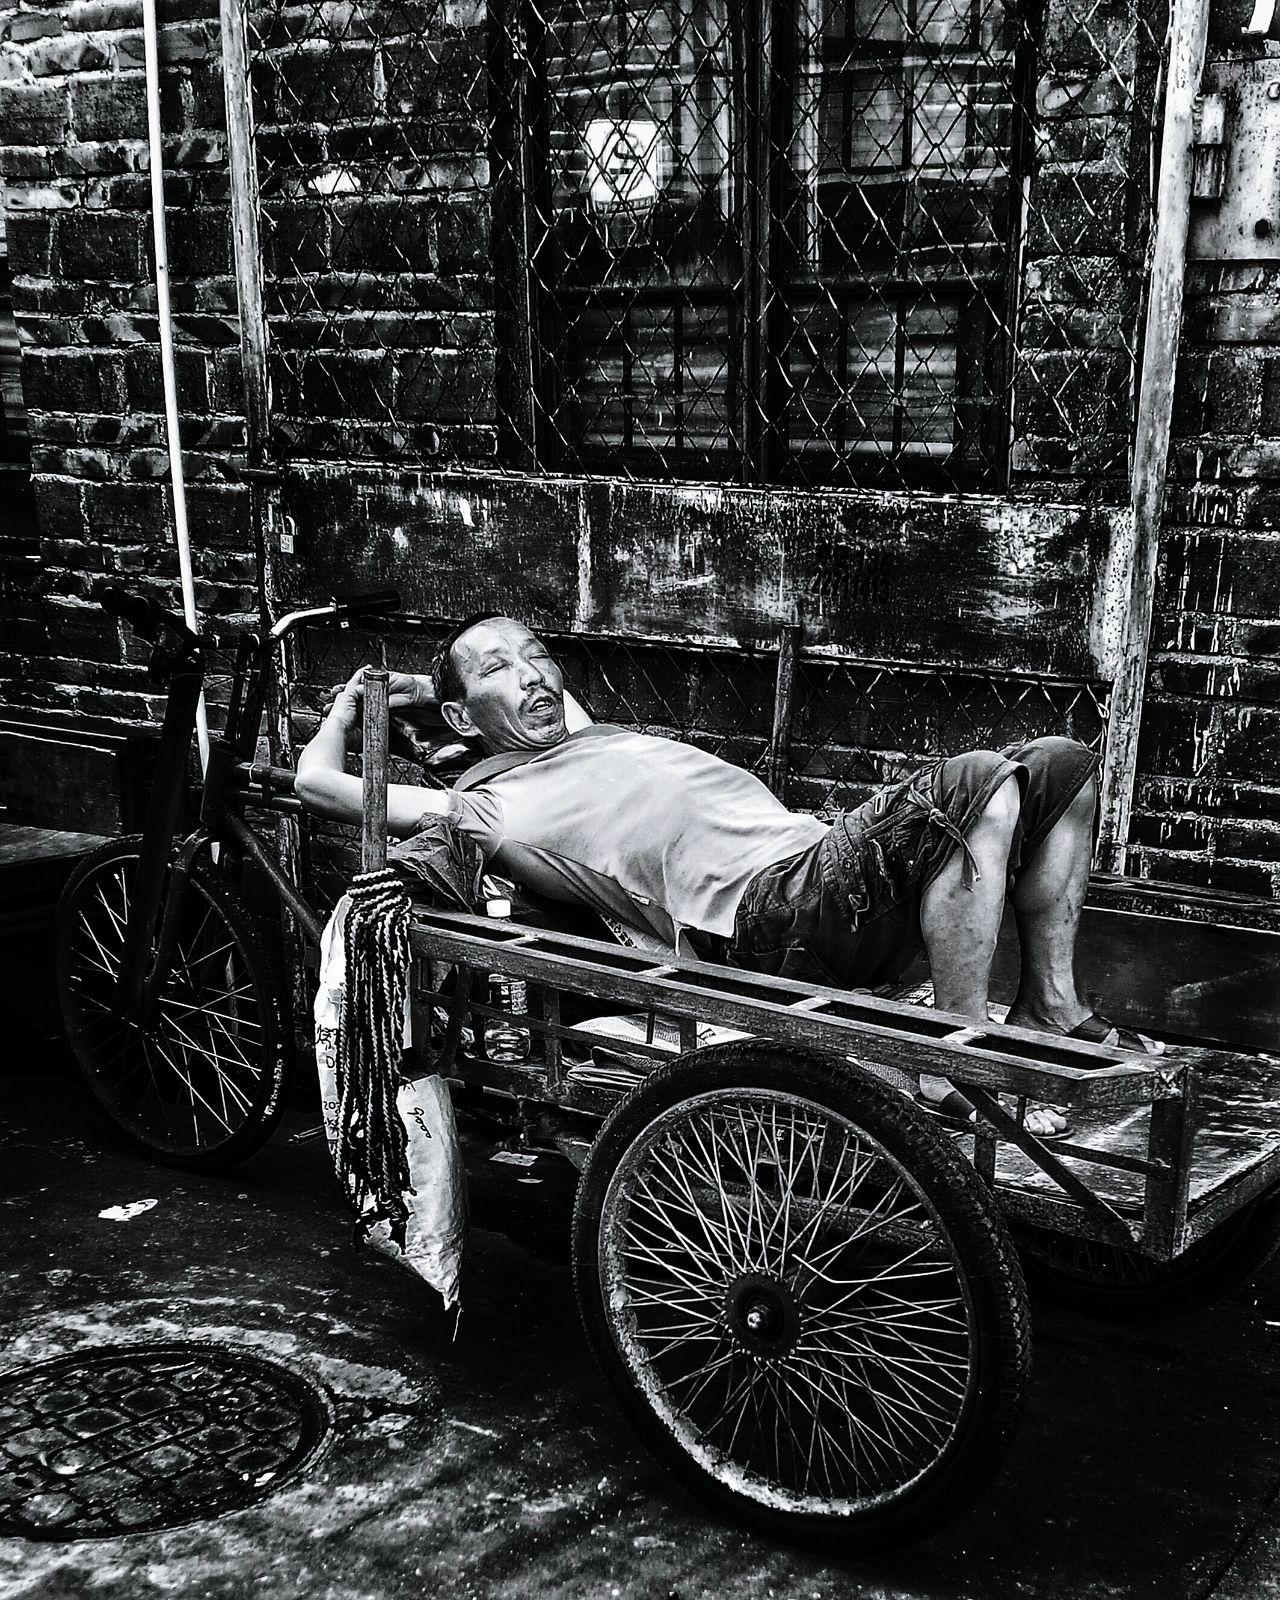 在南泰路批发市场附近,三轮车夫在休息。如果有东西要运的话,雇主会叫醒他们,然后讨价还价。如果要搬货物上楼或者搬上大货车的话需要加钱。Street Snap 沉睡的中国人 散工 Outdoors Person Casual Clothing Bicycle Sleeping Chinese